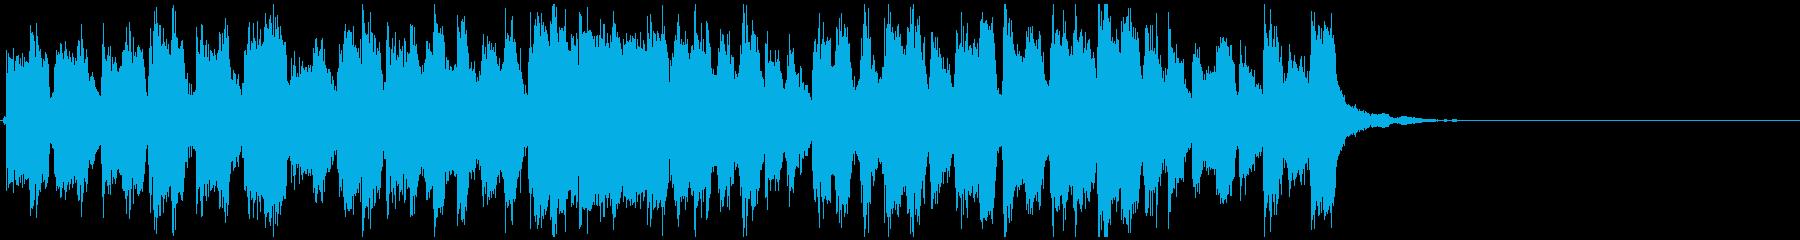 どたばたアクションコメディ15秒ジングルの再生済みの波形